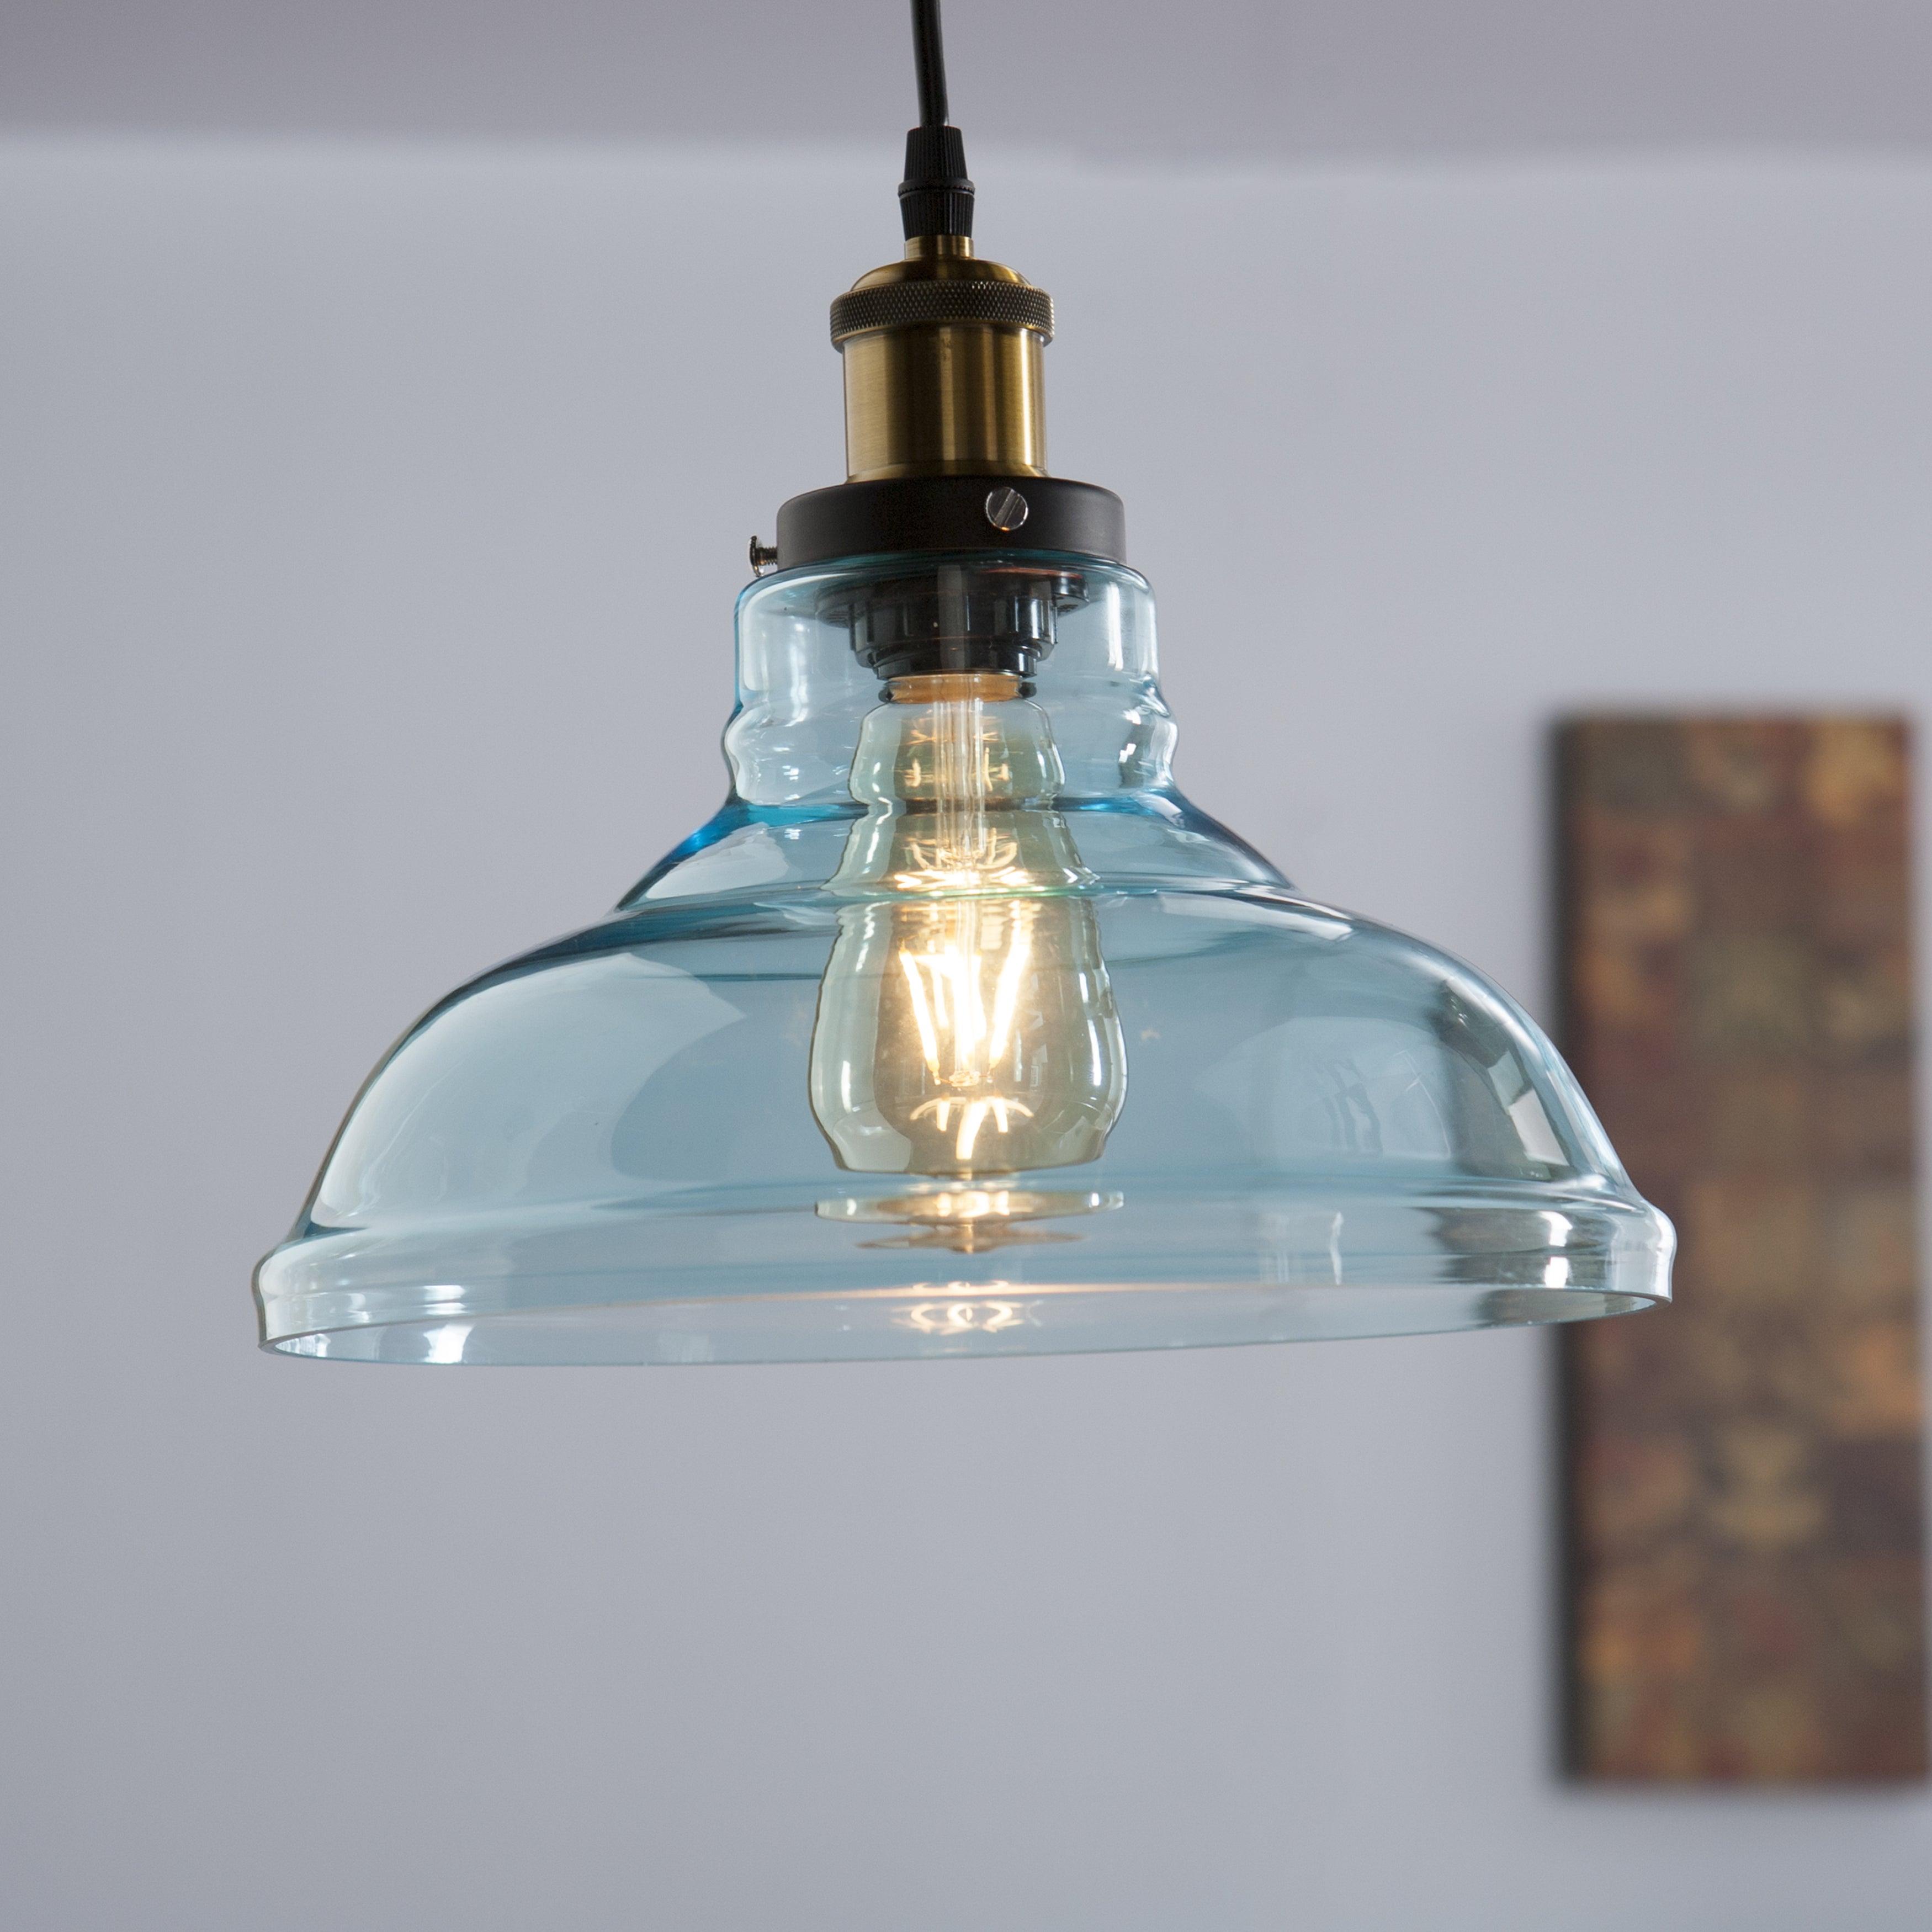 Bell Pendant Light Fixture – The Arts Regarding Grullon Scroll 1 Light Single Bell Pendants (View 18 of 30)